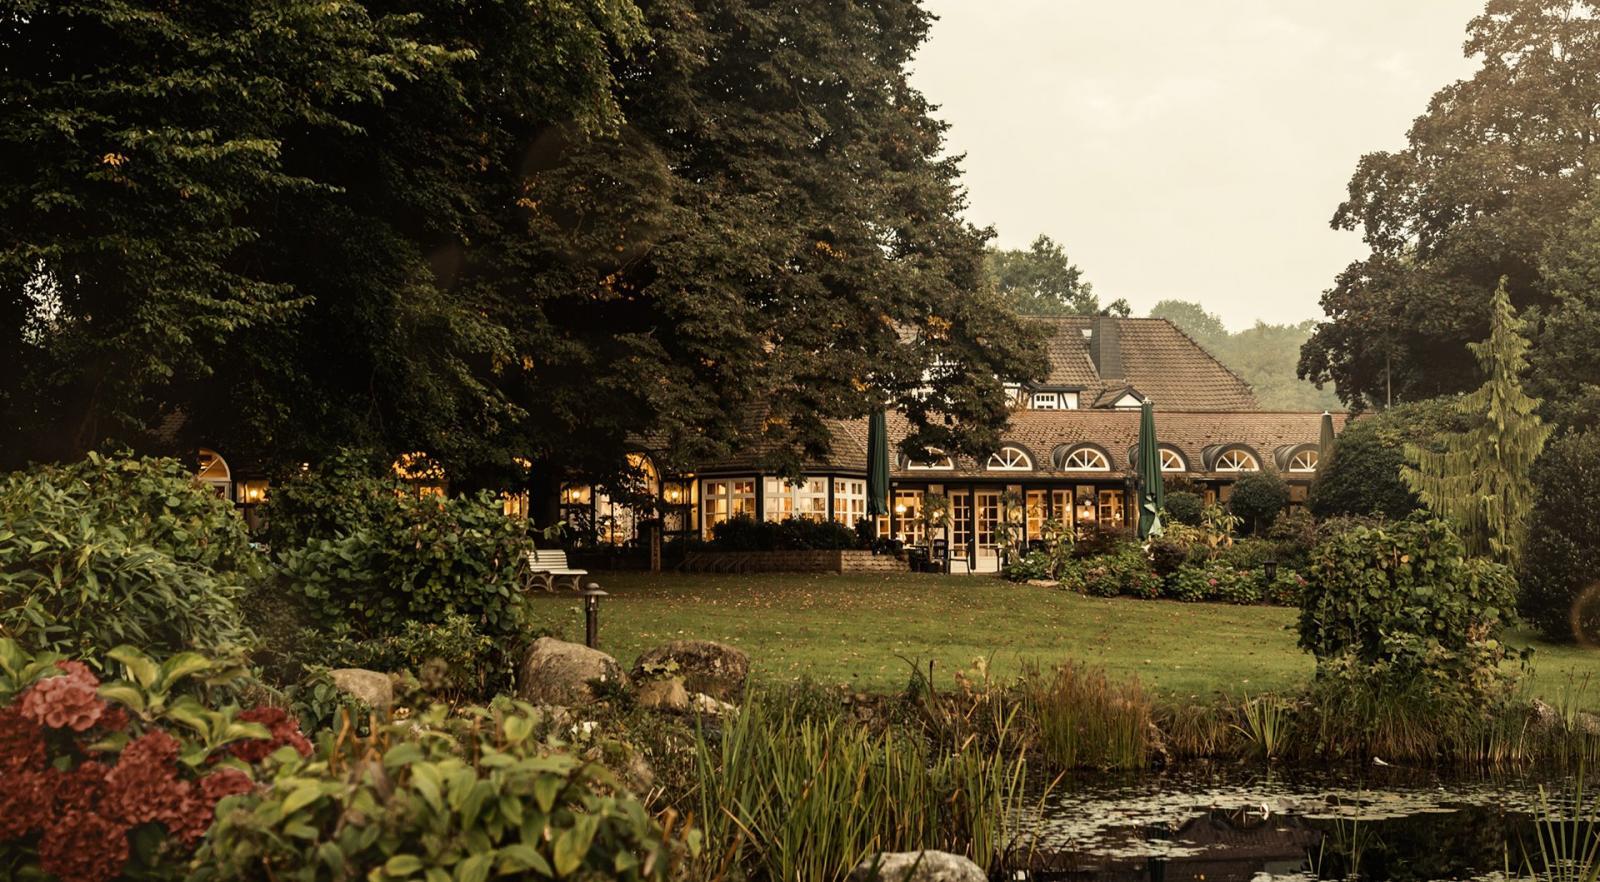 Klimakur: Foto vom Wellnesshotel Romantik Hotel Bösehof | Wellness Niedersachsen